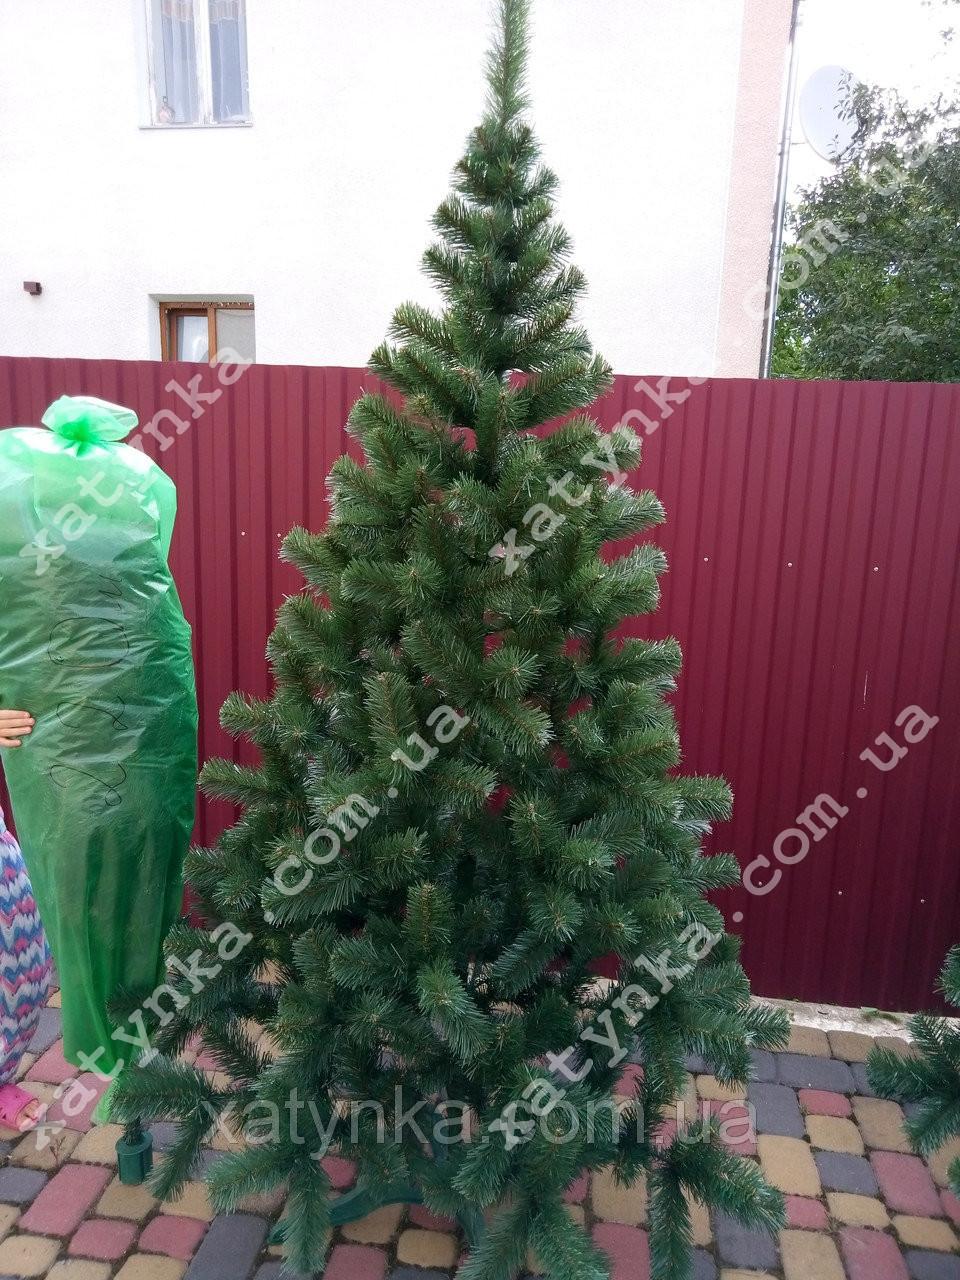 Ёлка зеленая исскуственная на новый год высота 2.2 м